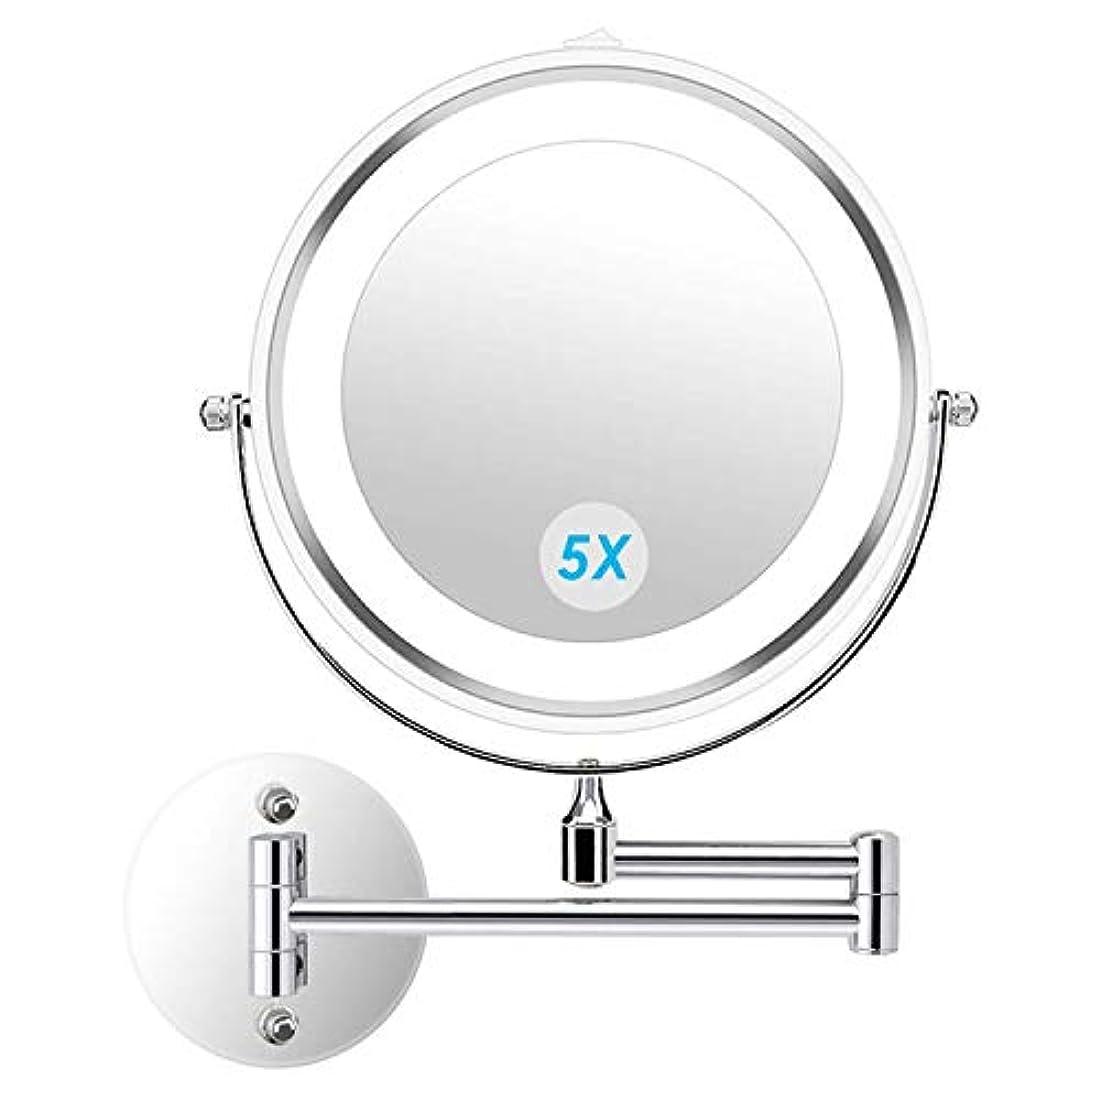 政権ぴかぴか手alvorog 壁掛け化粧鏡 4個 電池で駆動バスルームホテル用照明付き両面5倍 倍率360度 スイベル延長化粧化粧鏡を導きました 7